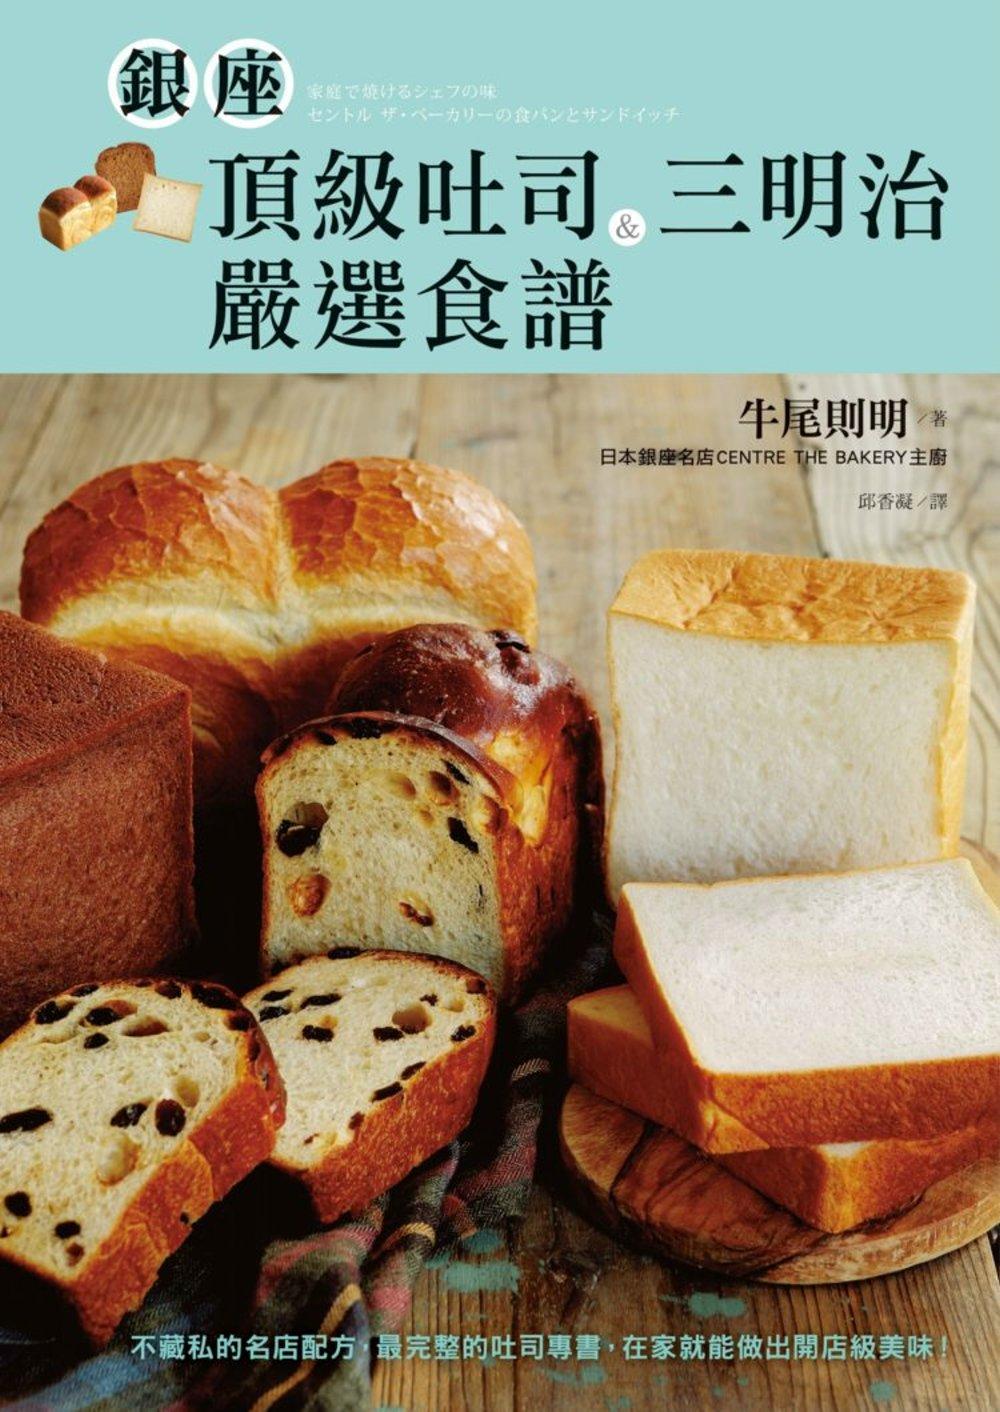 銀座 吐司 三明治 食譜:不藏私的名店配方,最完整的吐司專書,在家就能做出開店級美味!